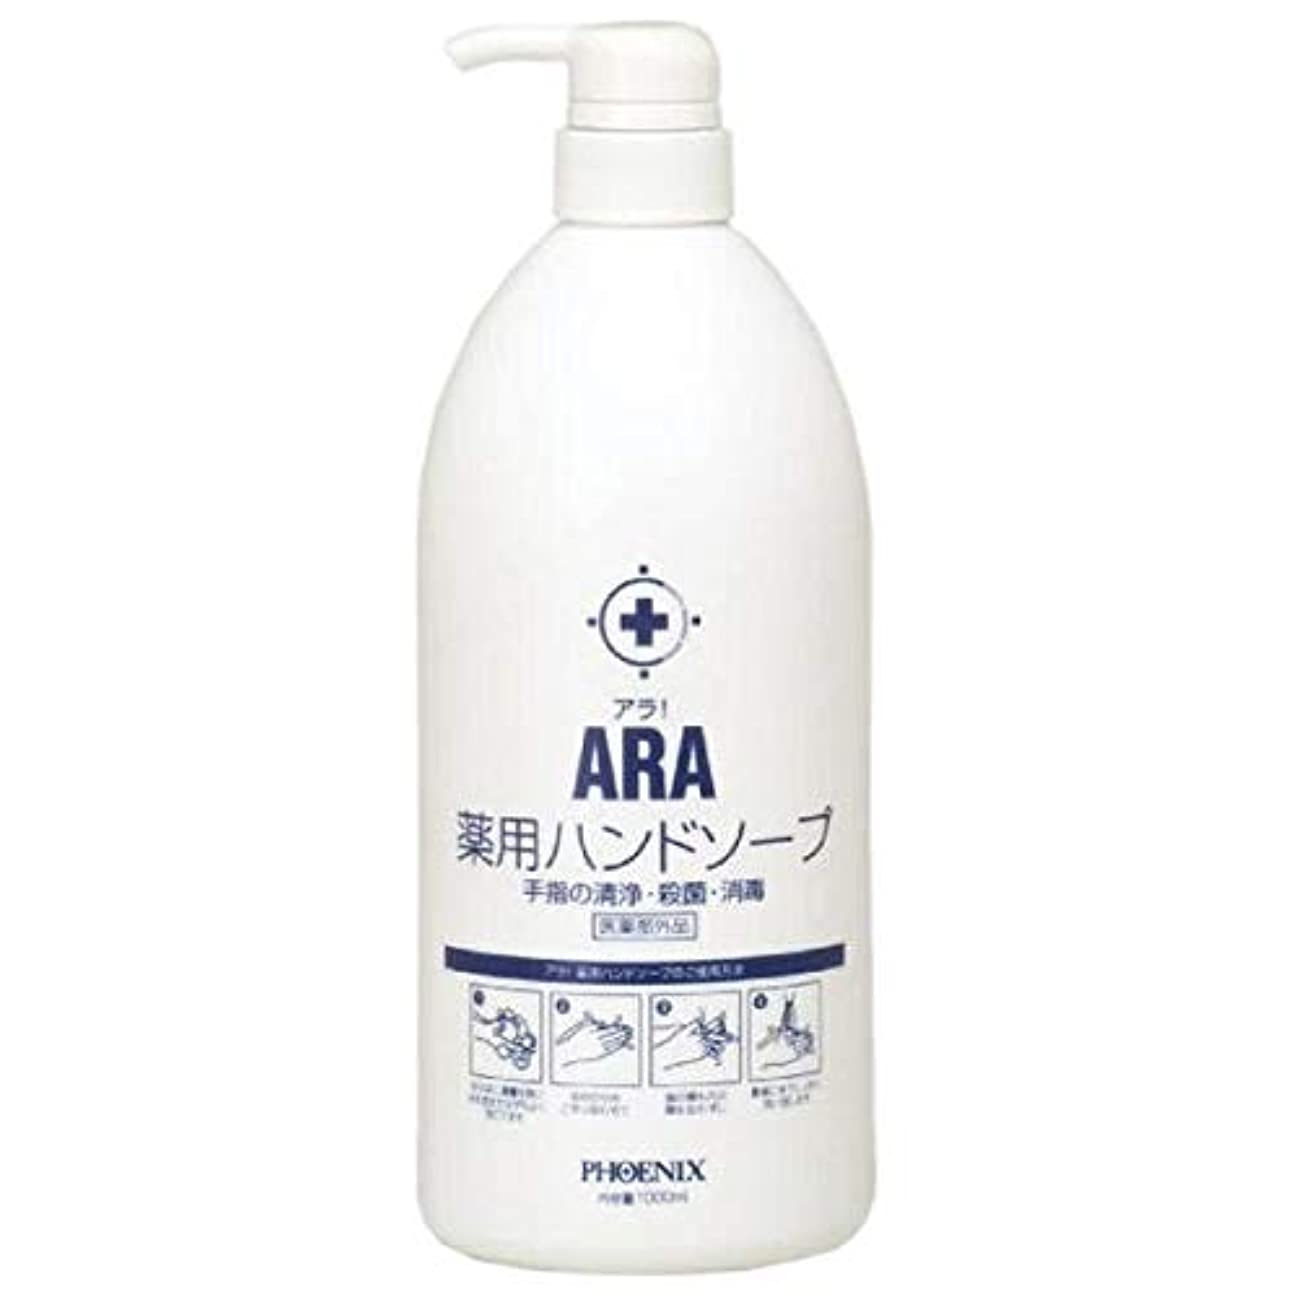 落ち着く著名な広告するARA 薬用ハンドソープ(ボトルタイプ) 1000ml×10本入